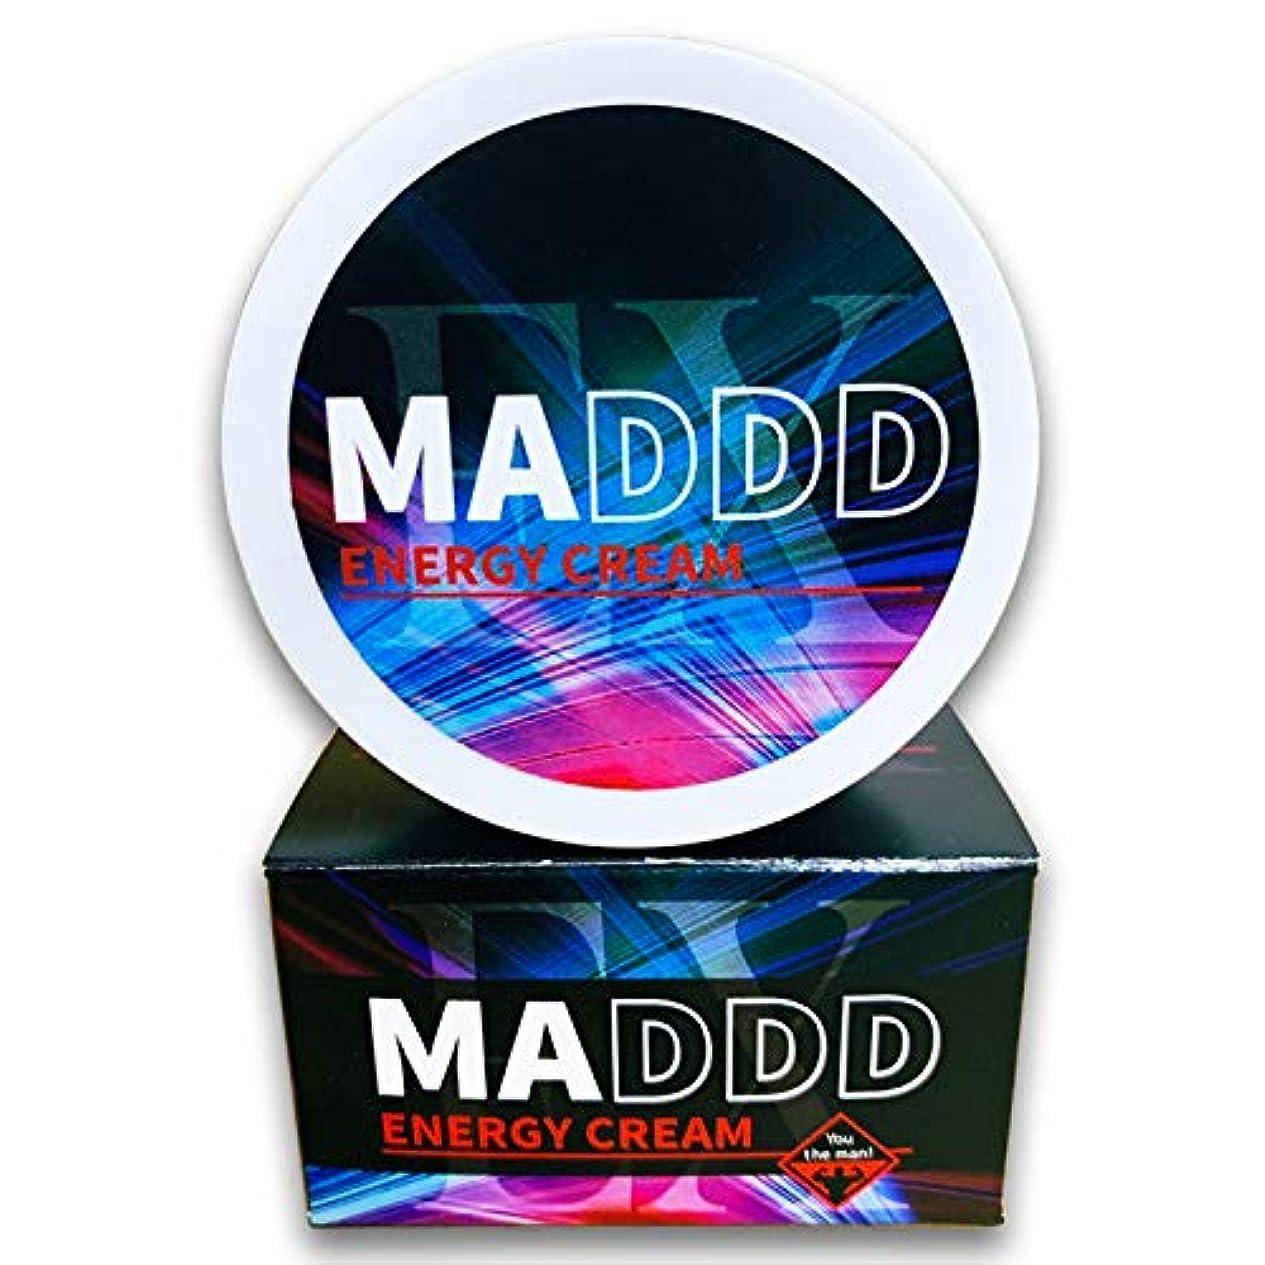 インシュレータ感情の叫び声MADDD EX 増大クリーム ボディクリーム 自信 持続力 厳選成分 50g (単品購入)